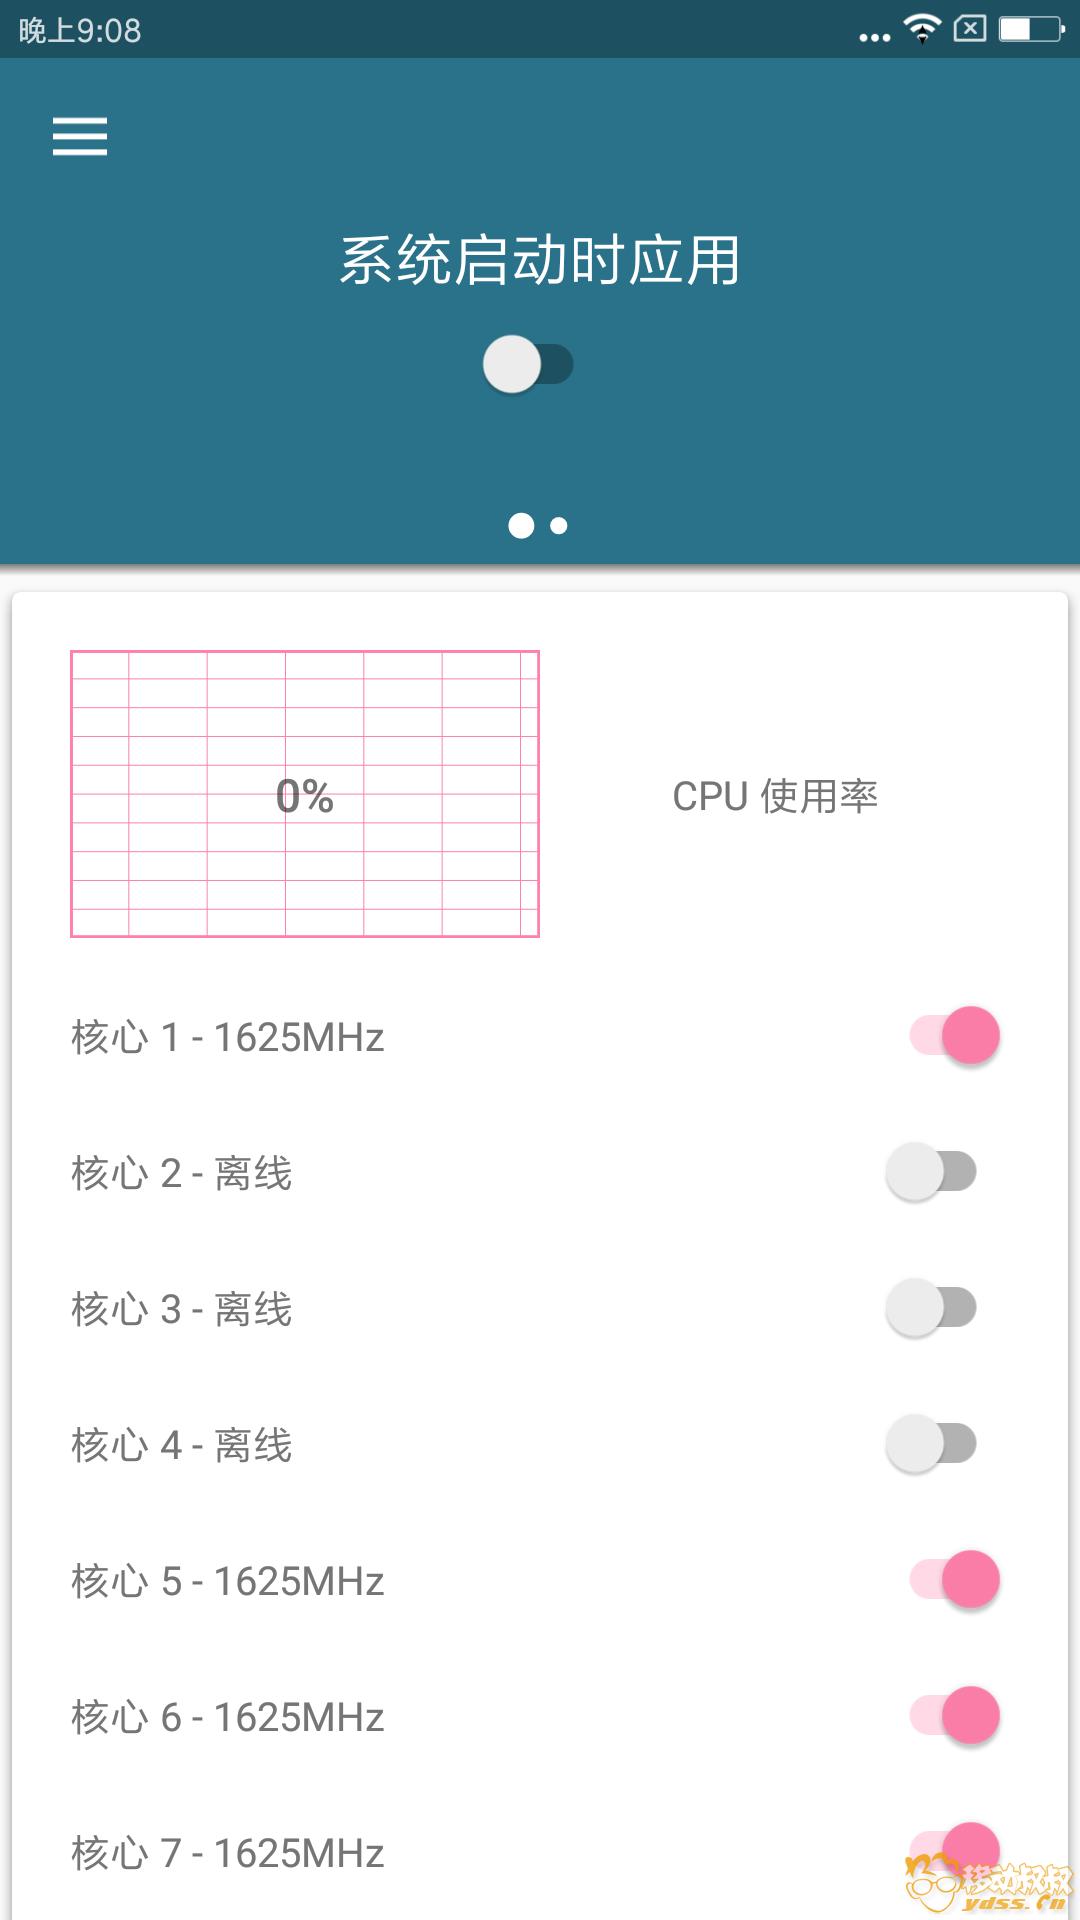 Screenshot_2018-04-03-21-08-01-808_com.grarak.kerneladiutor.png